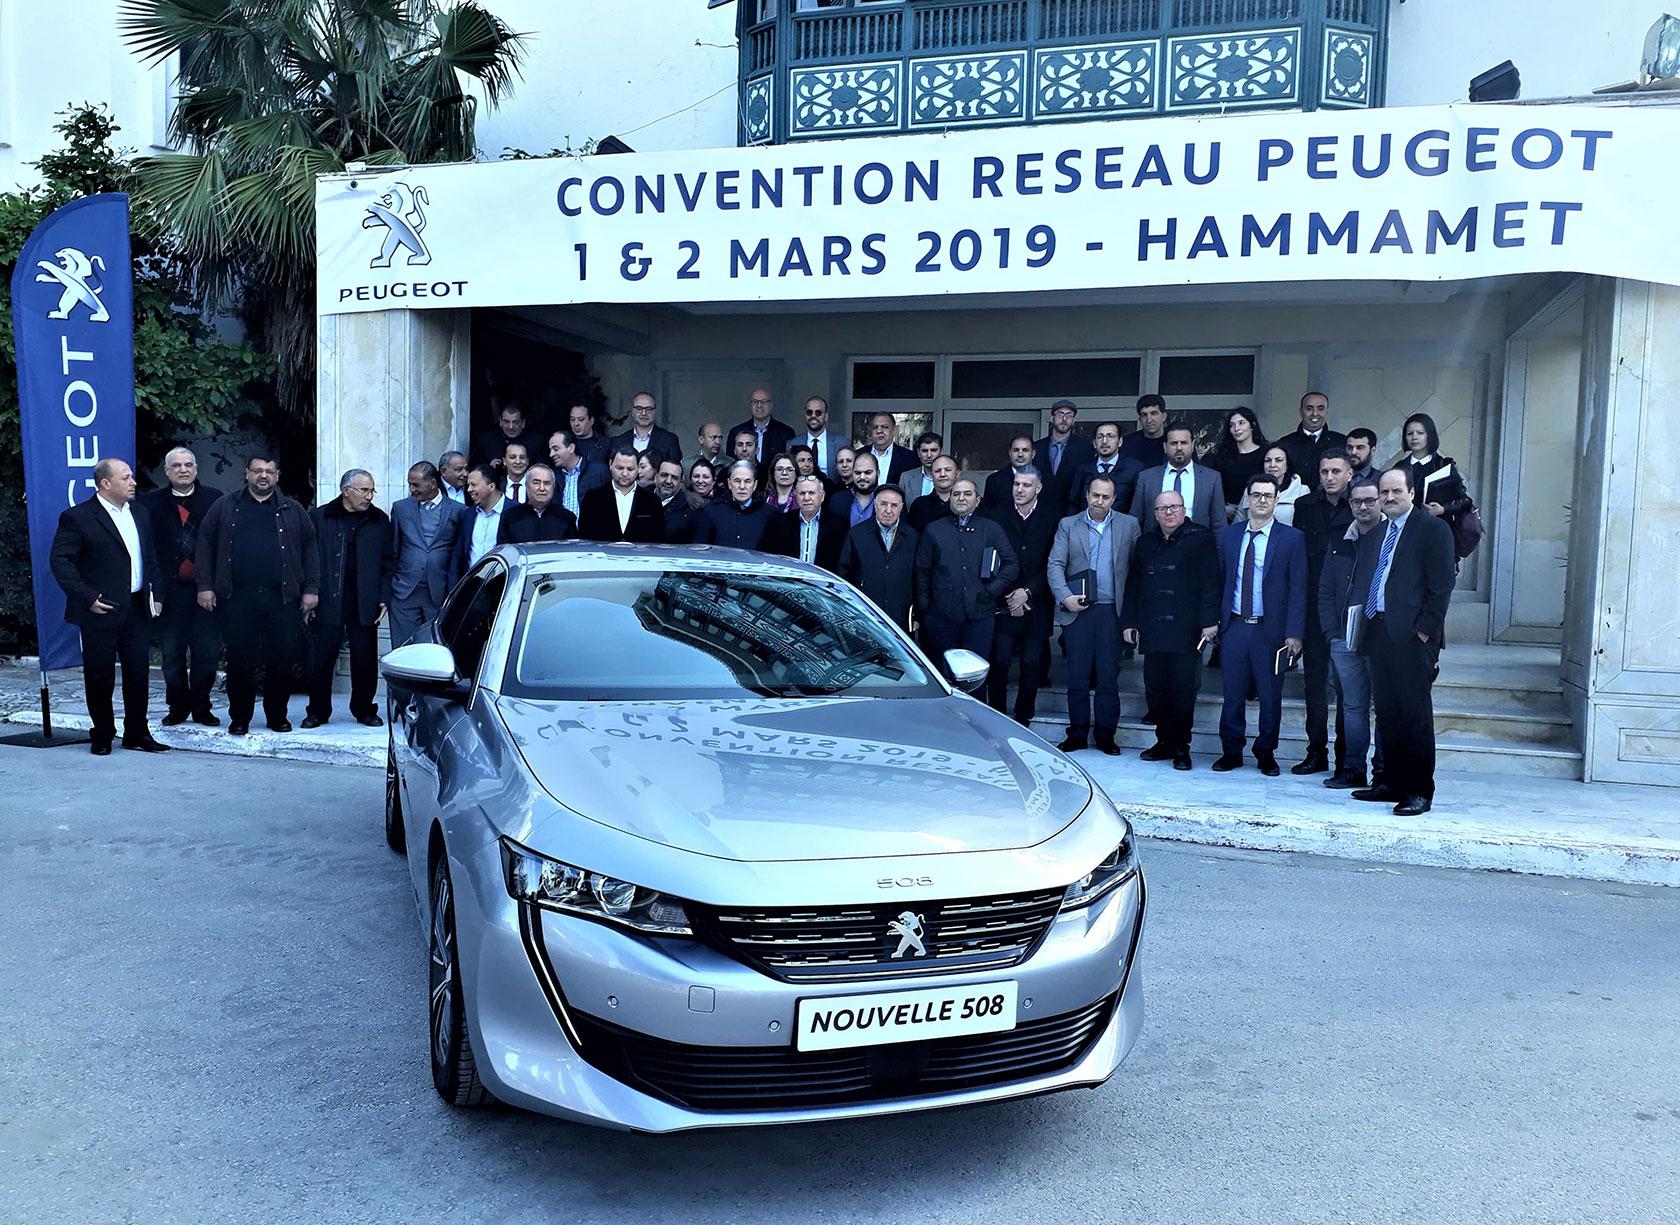 Convention Réseau Peugeot